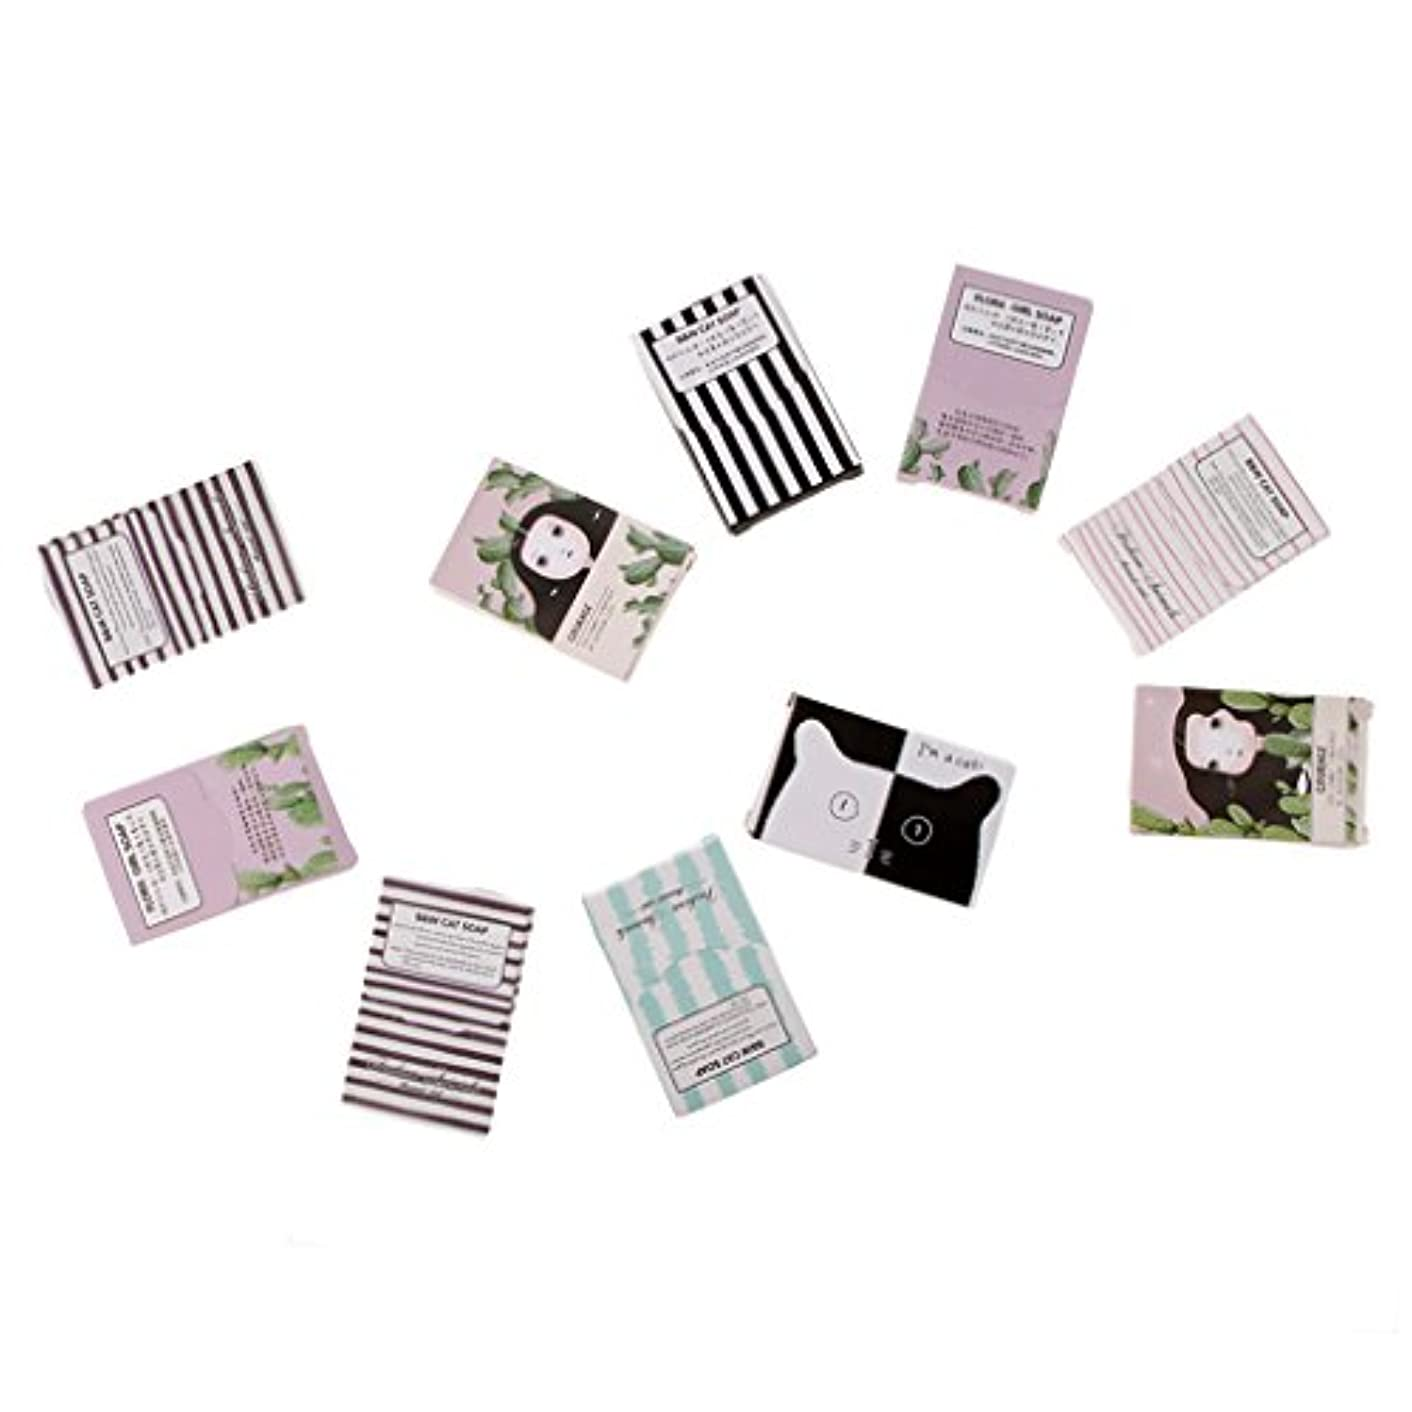 ピザ乱れ思いつくchiwanji 携帯用旅行サイズのポケットペーパー石鹸の手洗いの泡立つスライス150枚のシート